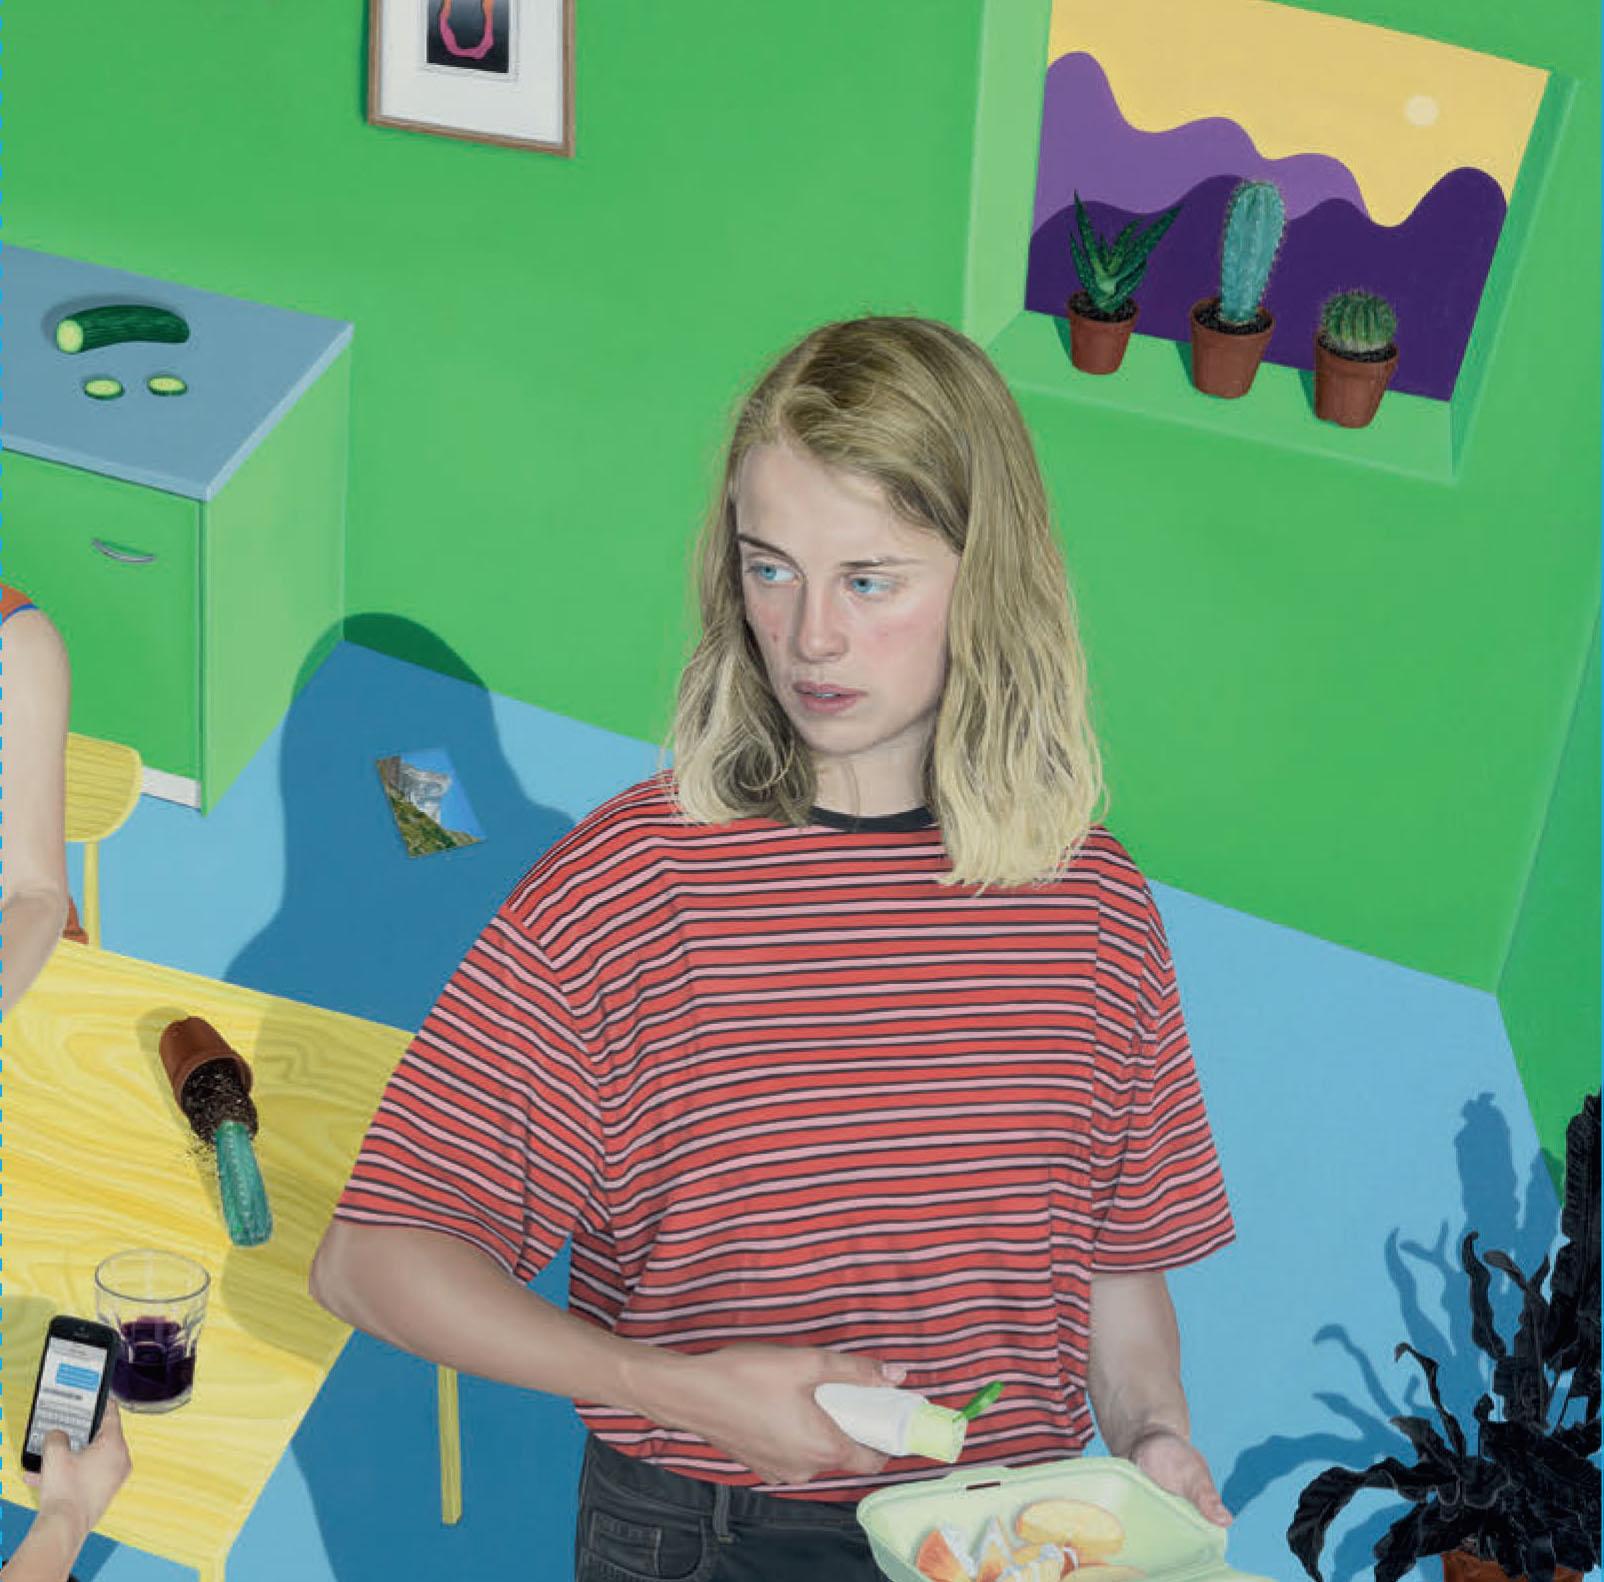 Tristan Pigott S Artwork For Marika Hackman Album I M Not